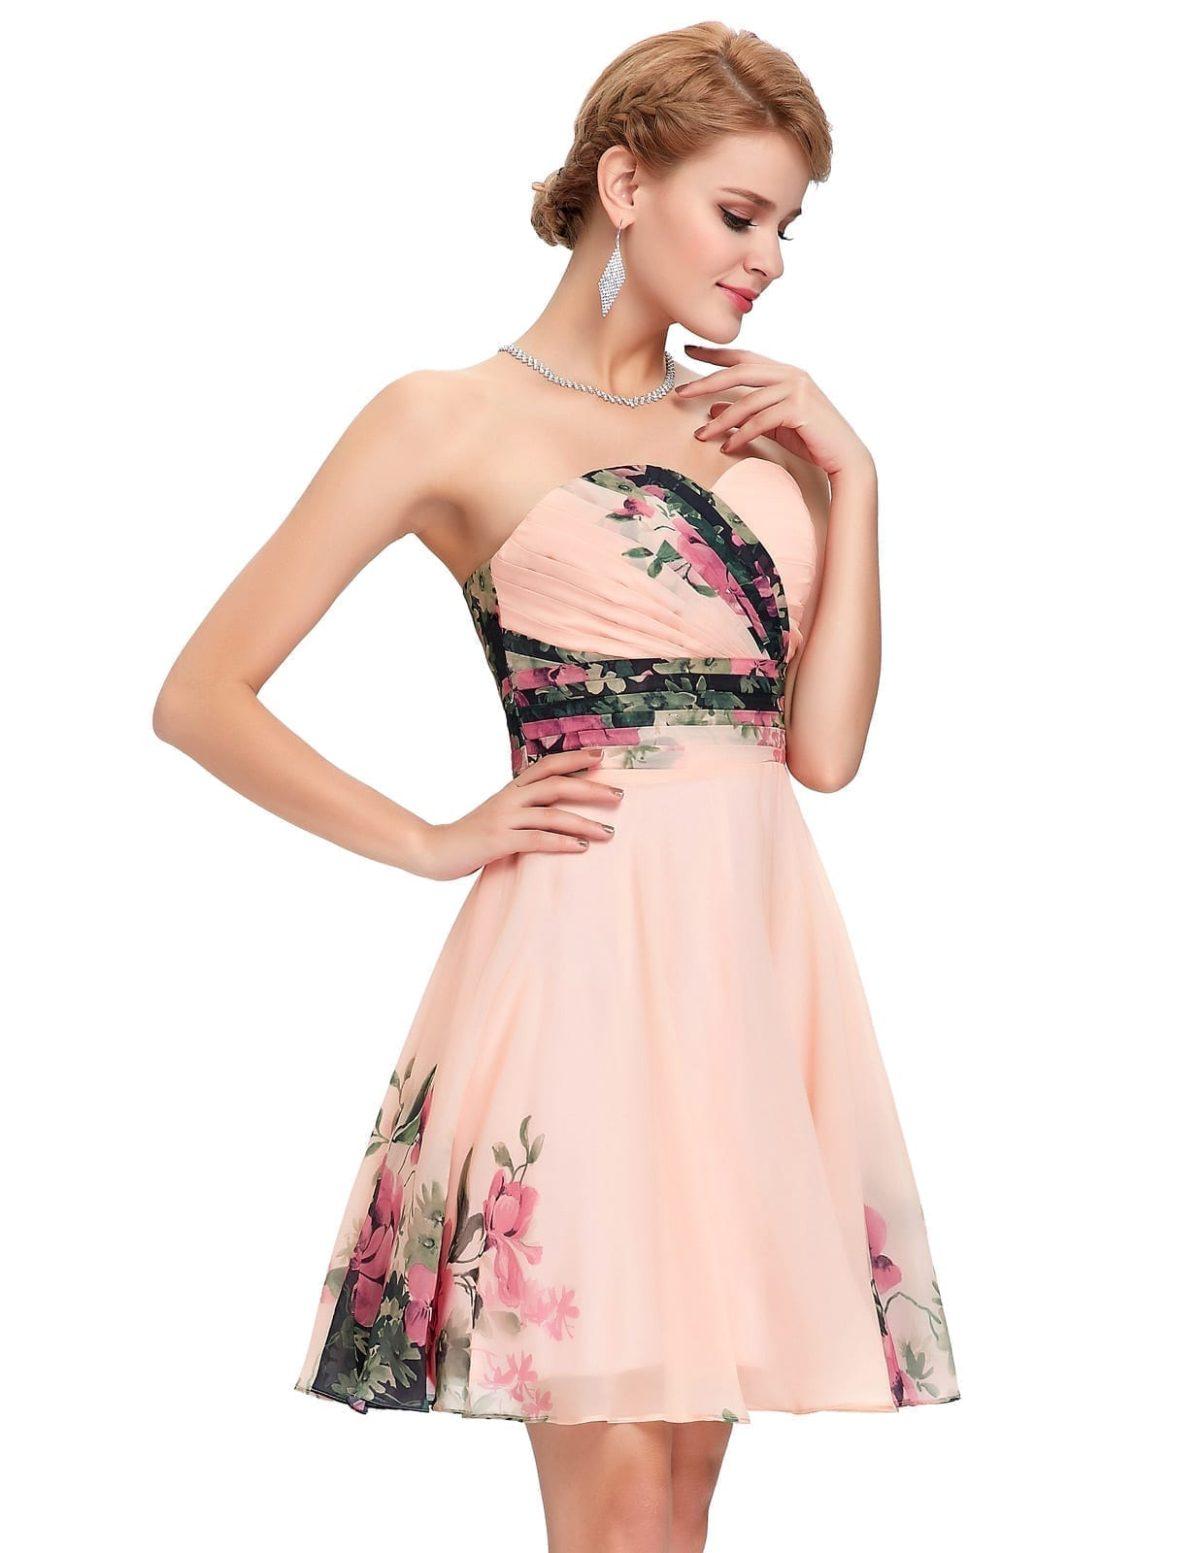 Flower Floral Print Short Cocktail Dress